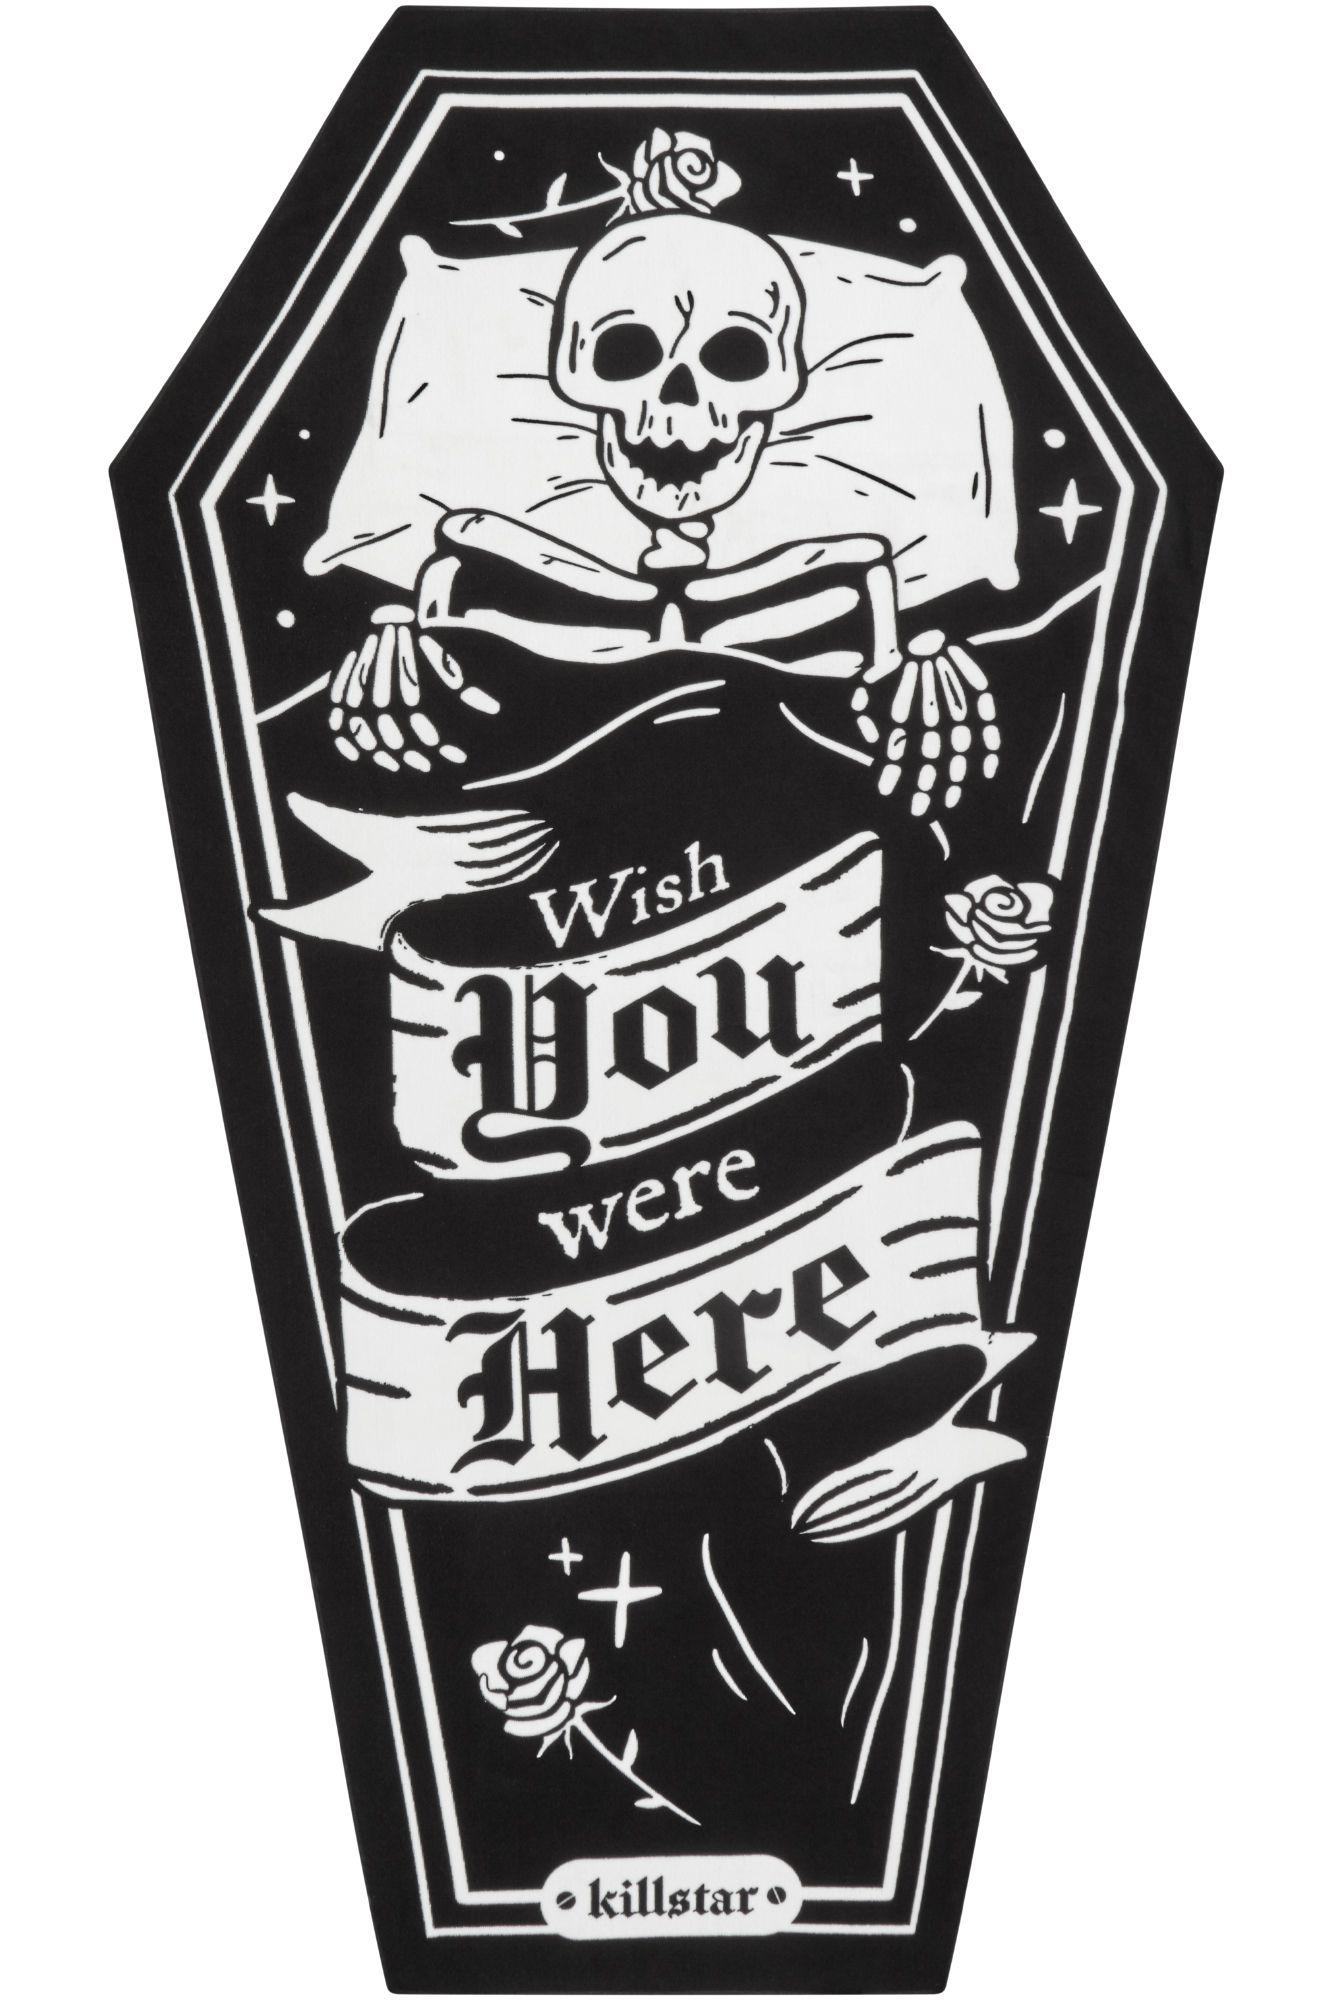 KS03649_serviette-de-plage-bain-gothique-rock-one-wish-coffin